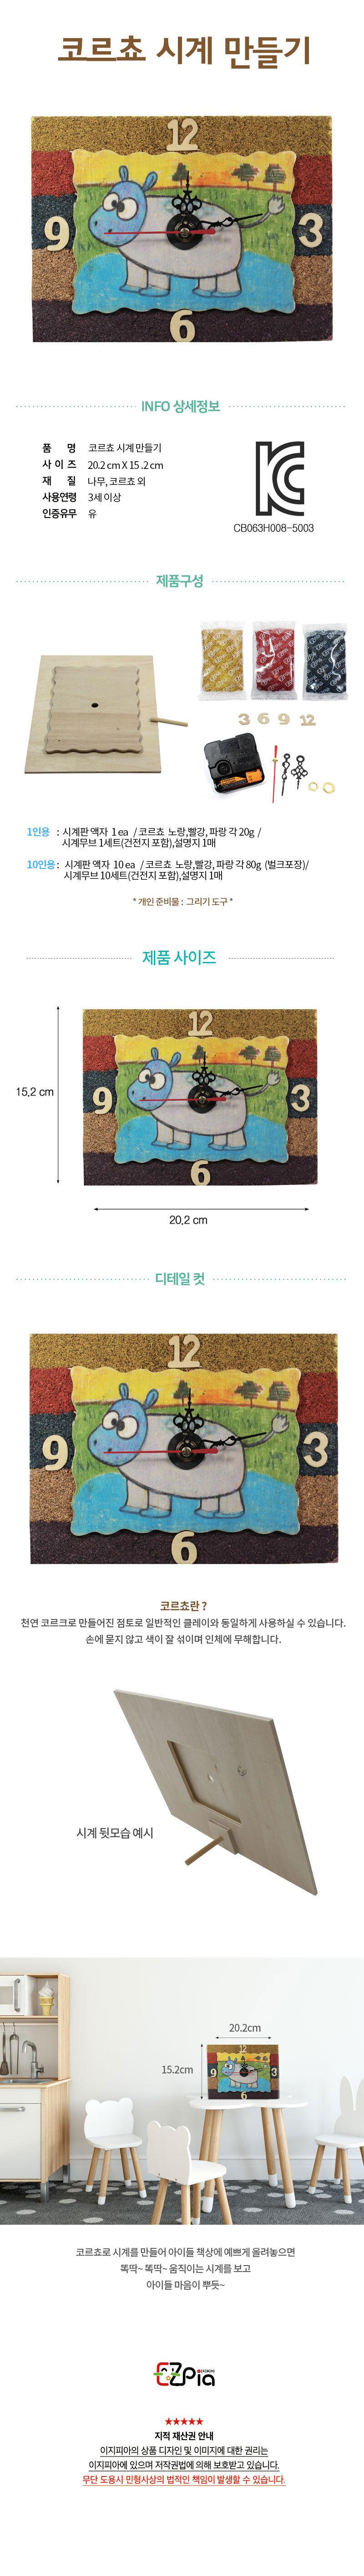 코르쵸 시계 만들기 DIY 세트-우드공예 클레이공예 - 이지피아, 4,200원, 우드공예, 우드공예 패키지